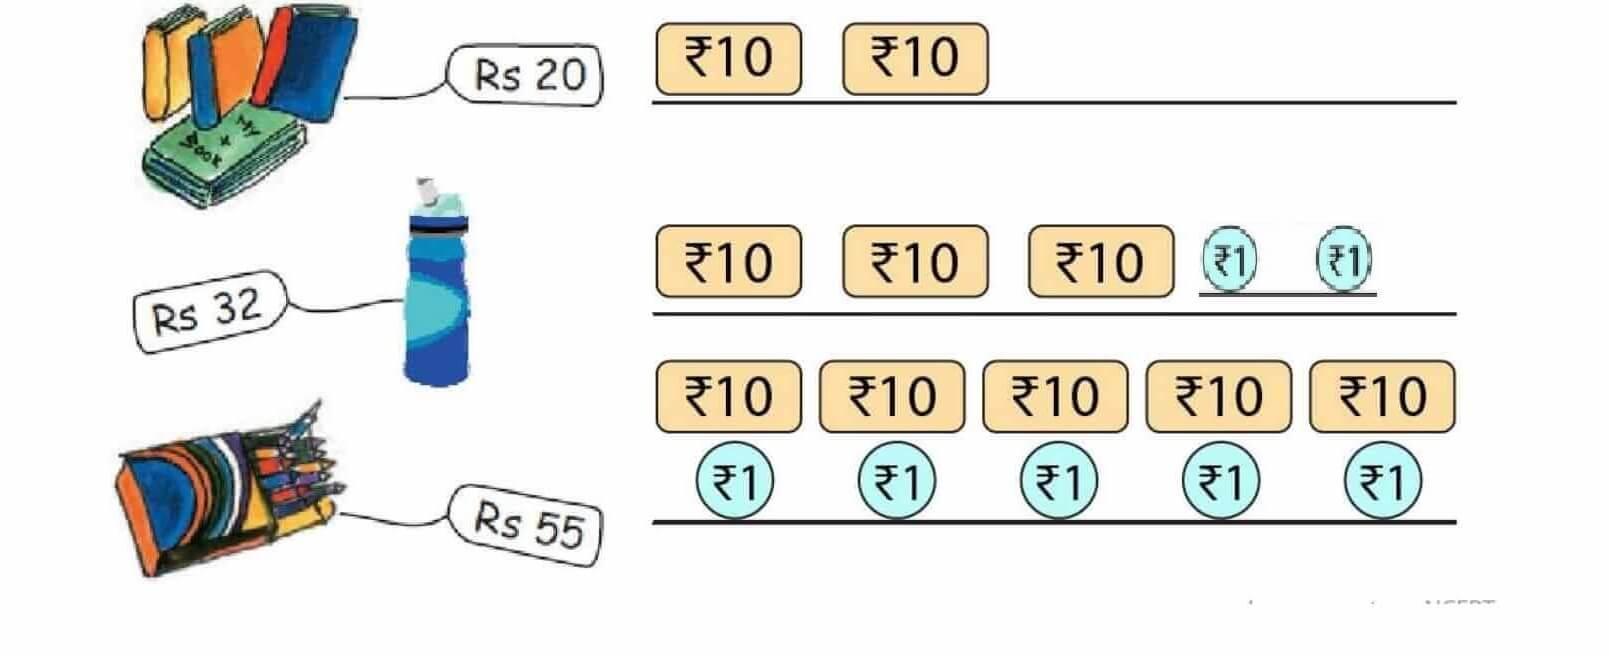 NCERT Solutions For Class 2 Maths Chapter 8 - 2